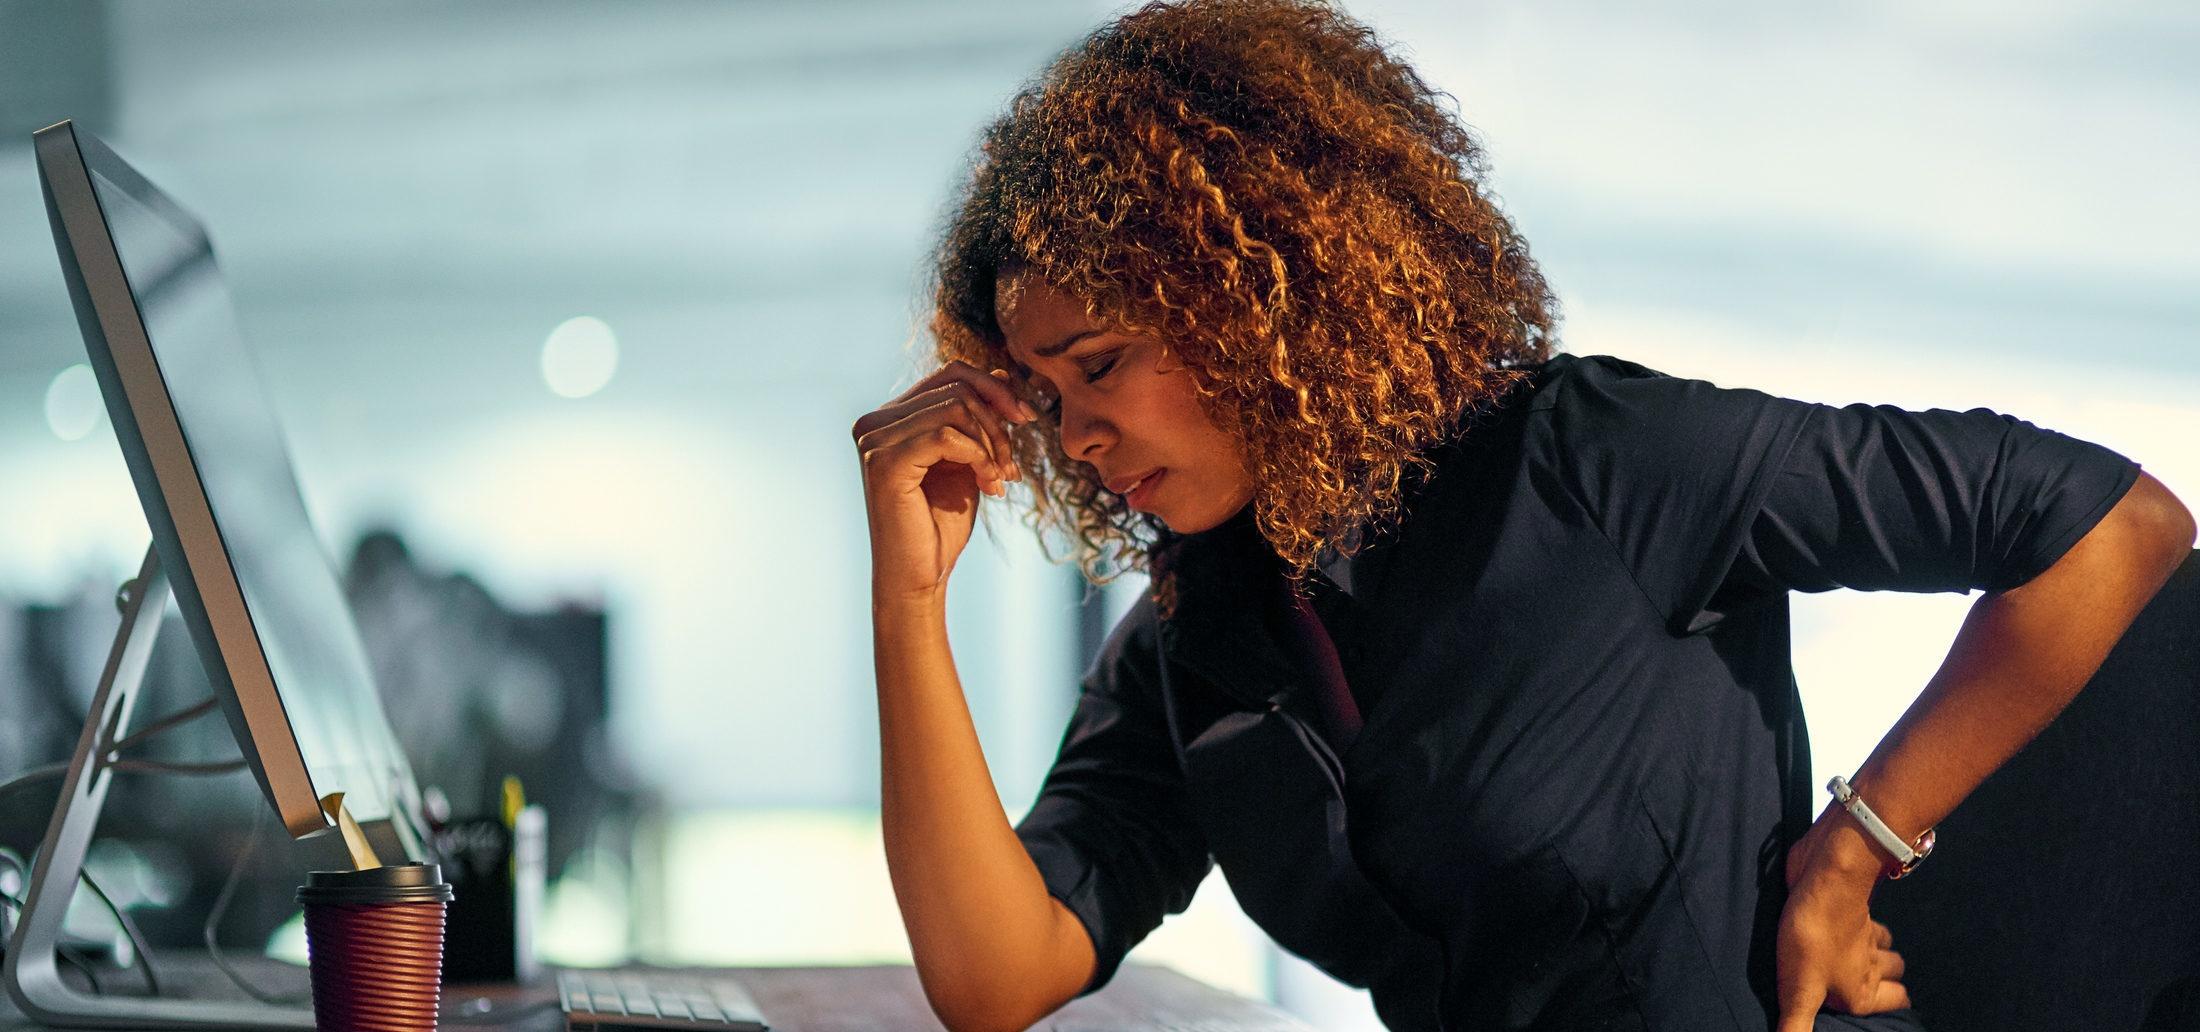 Como lidar com a pressão psicológica no local de trabalho